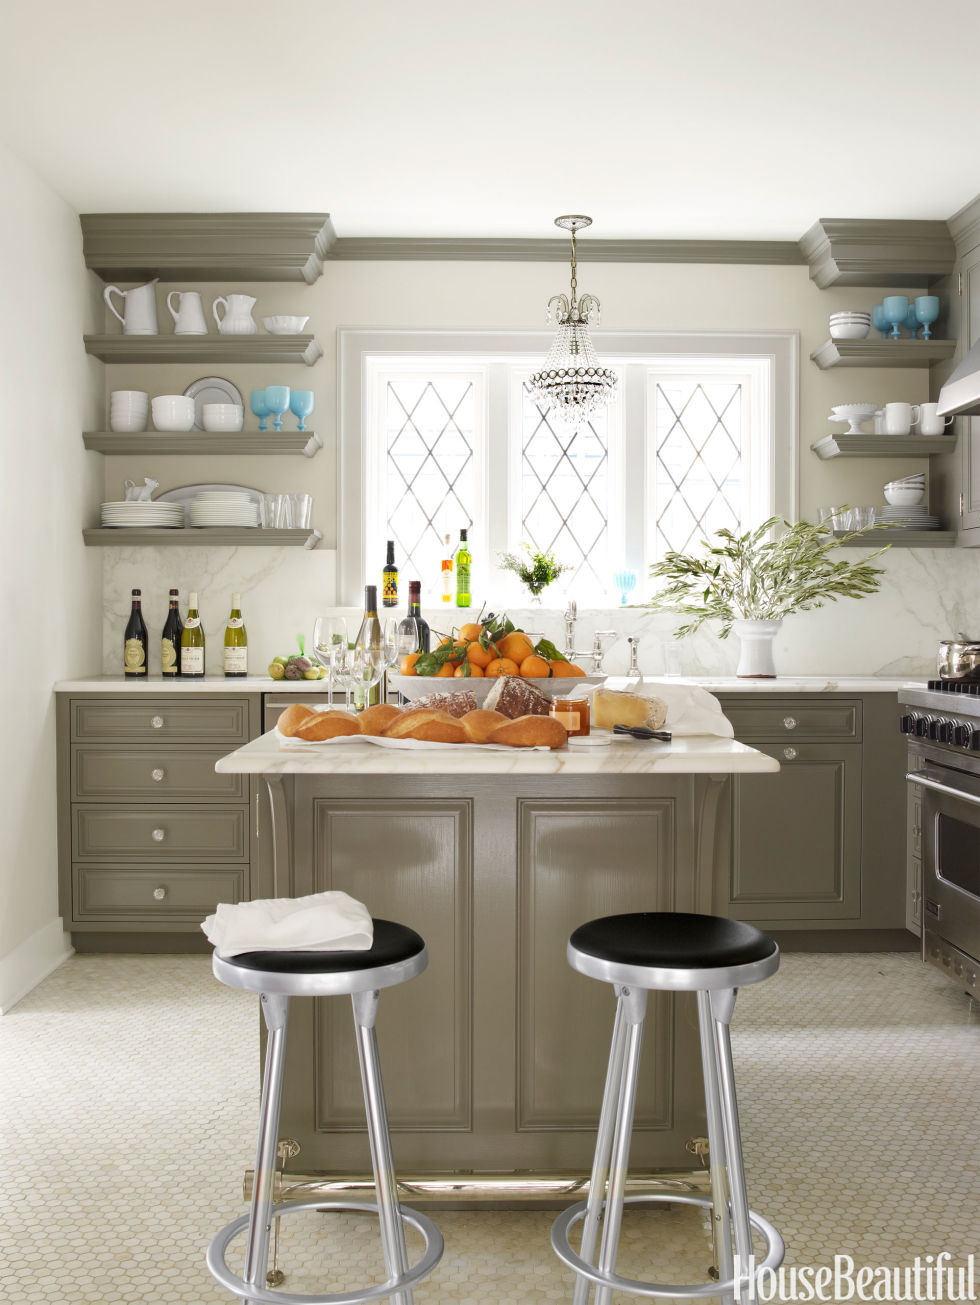 Luxury 20+ Best Kitchen Paint Colors - Ideas for Popular Kitchen Colors popular paint colors for kitchens